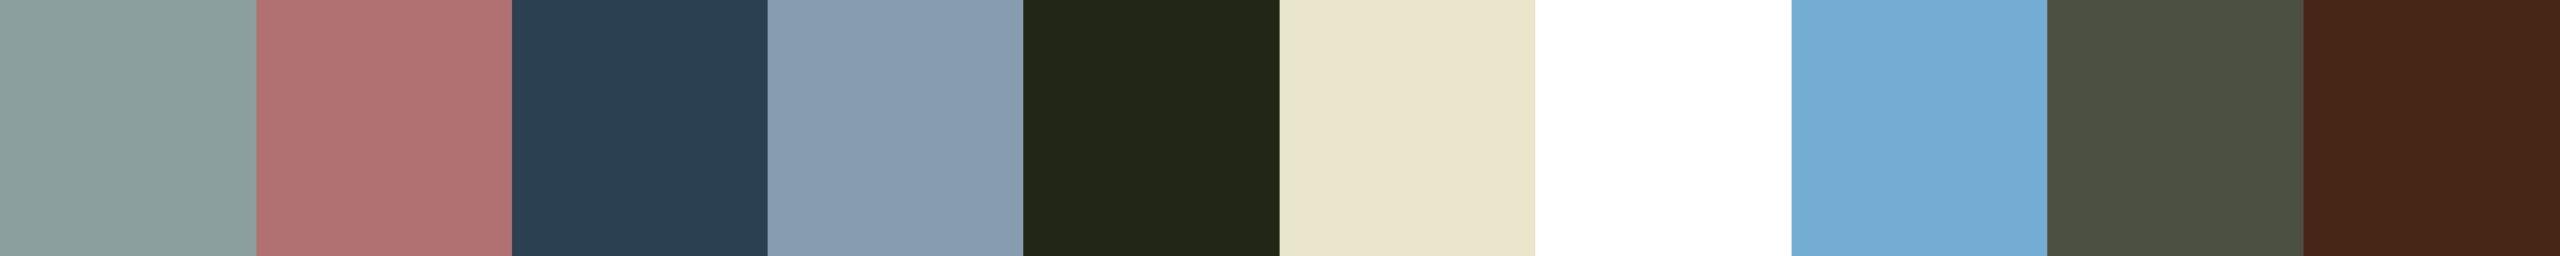 415 Moudasa Color Palette